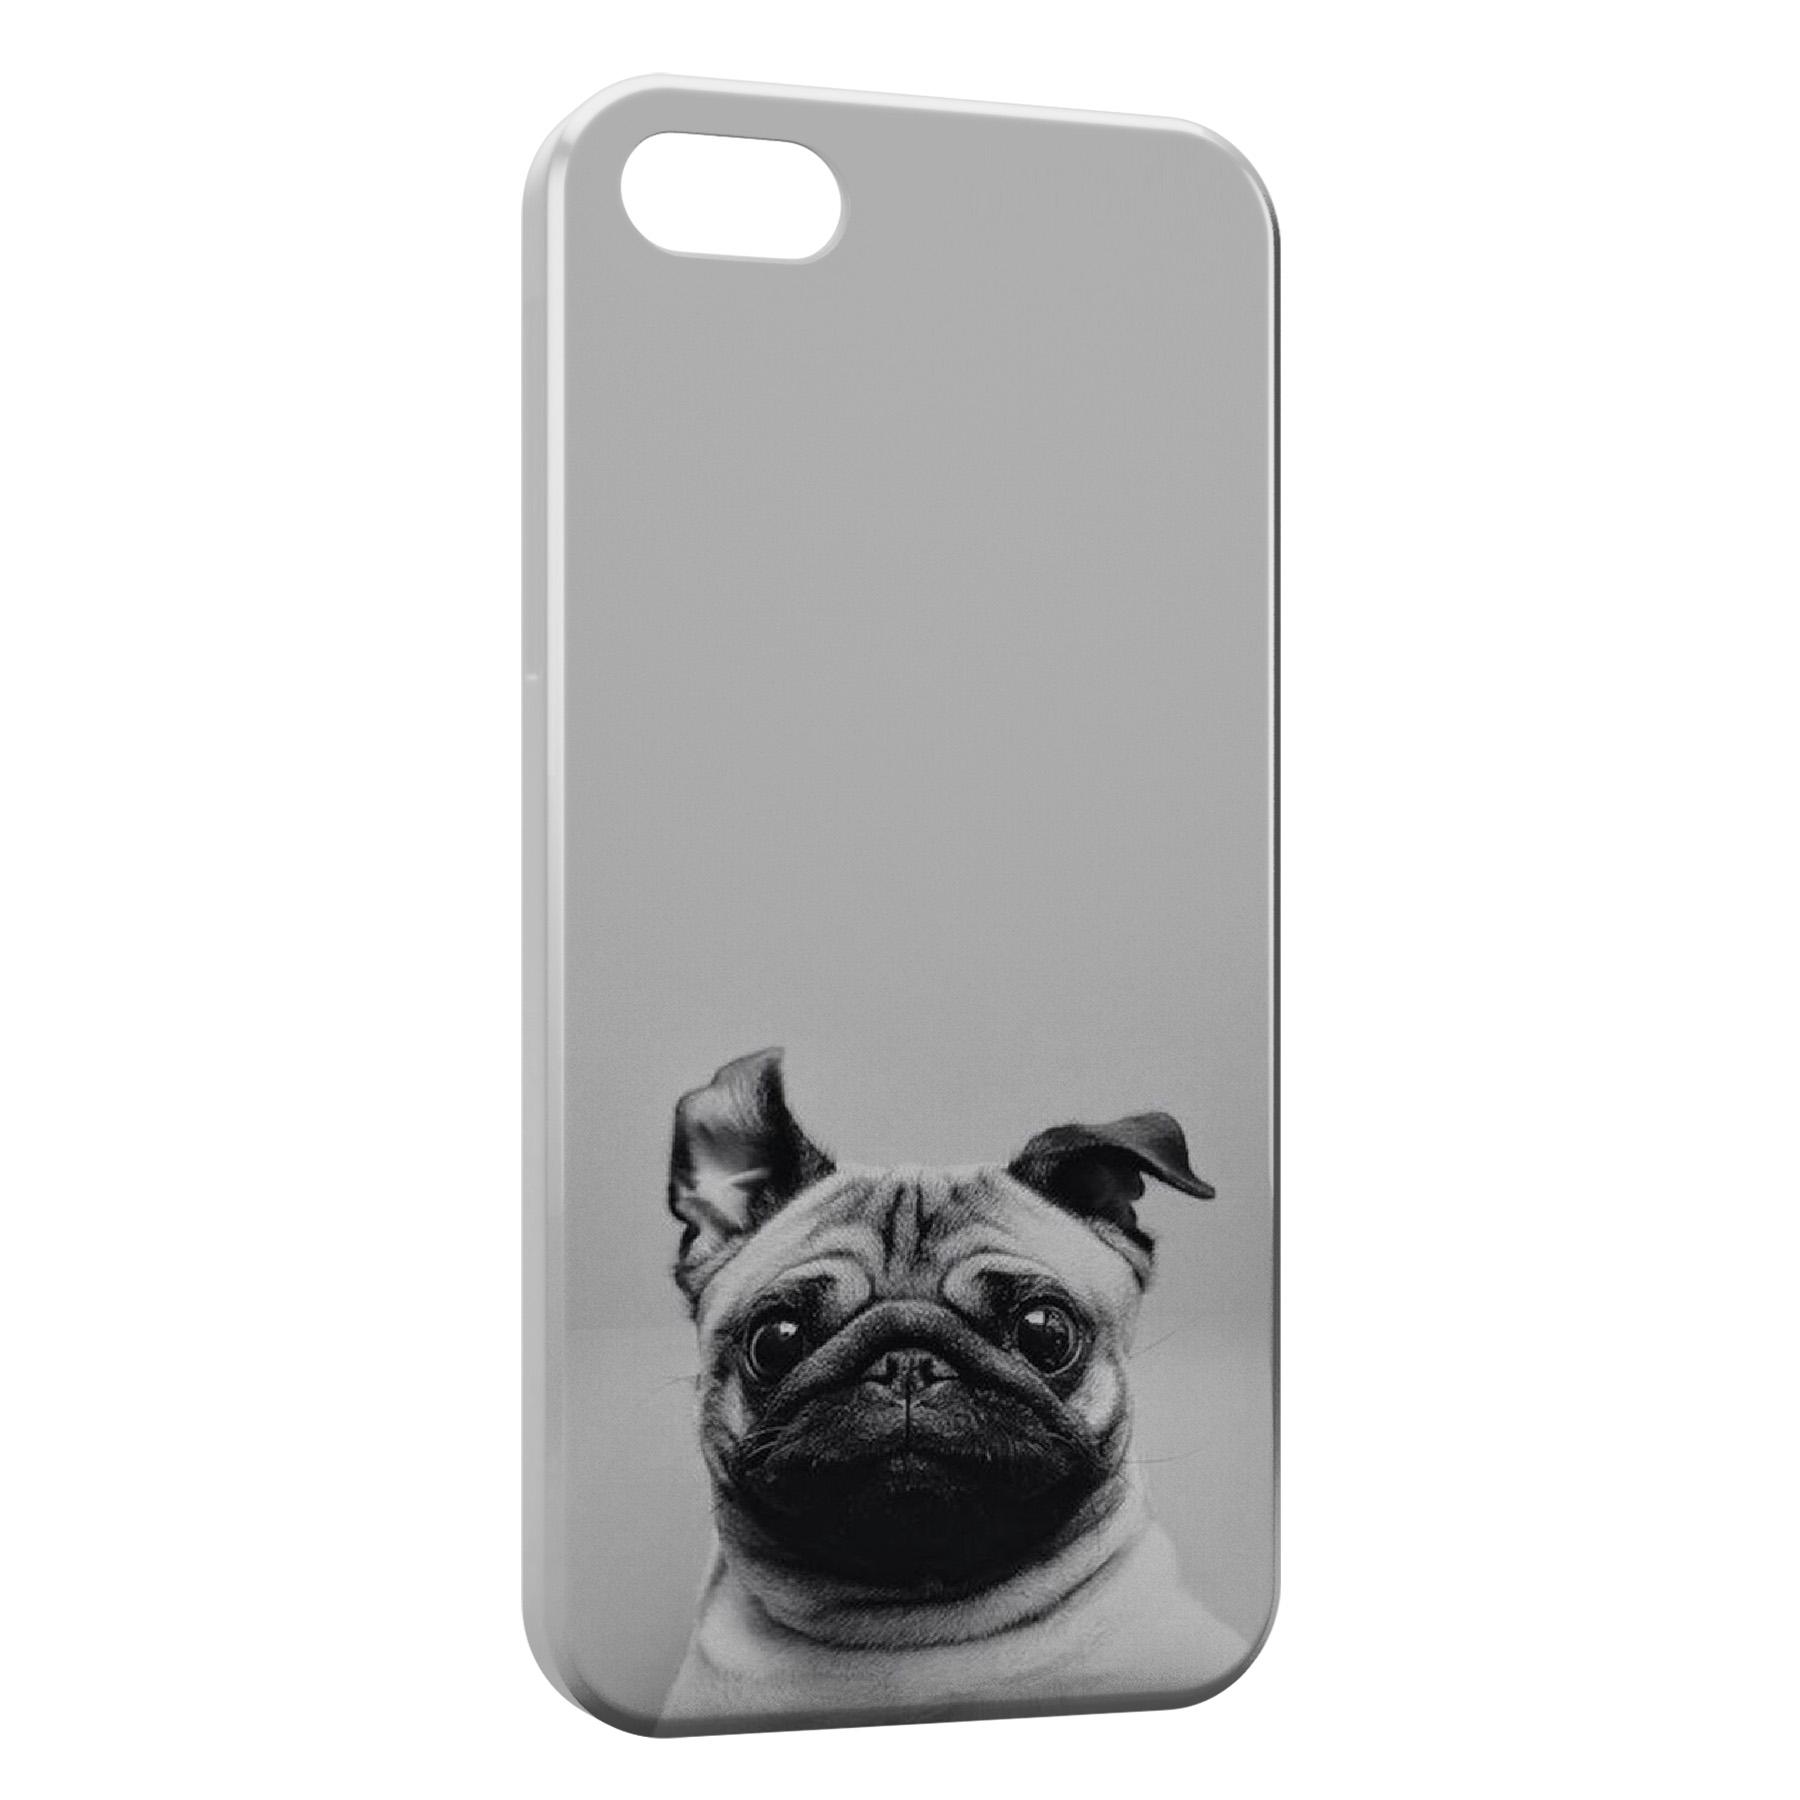 Coque iPhone 5/5S/SE Chien Bulldog Cute Black White